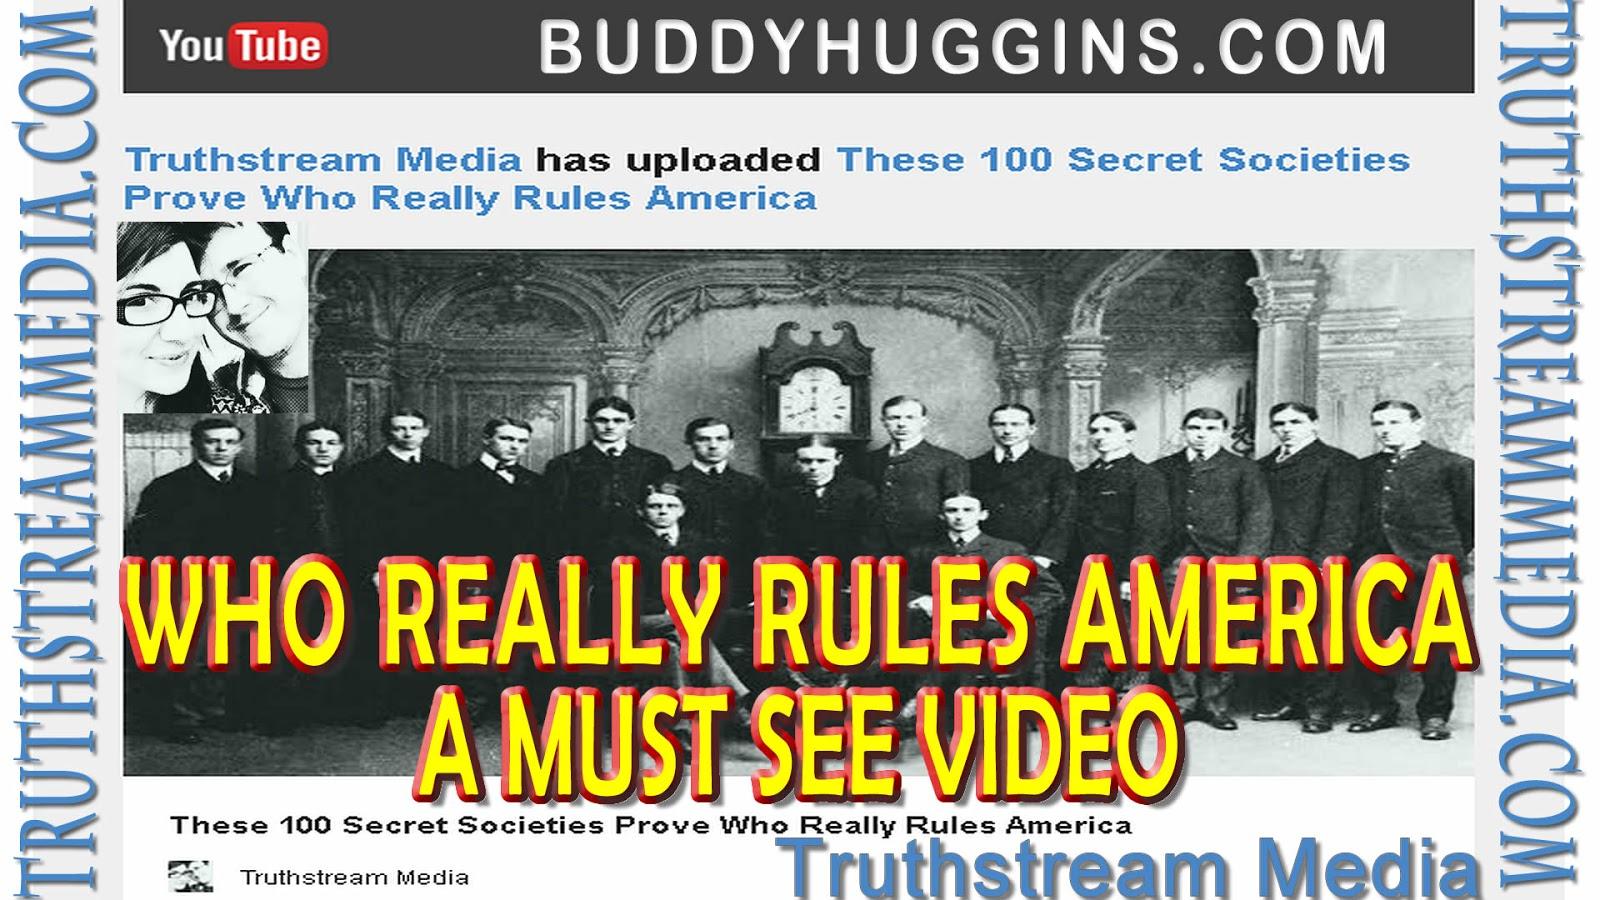 Rules of secret societies